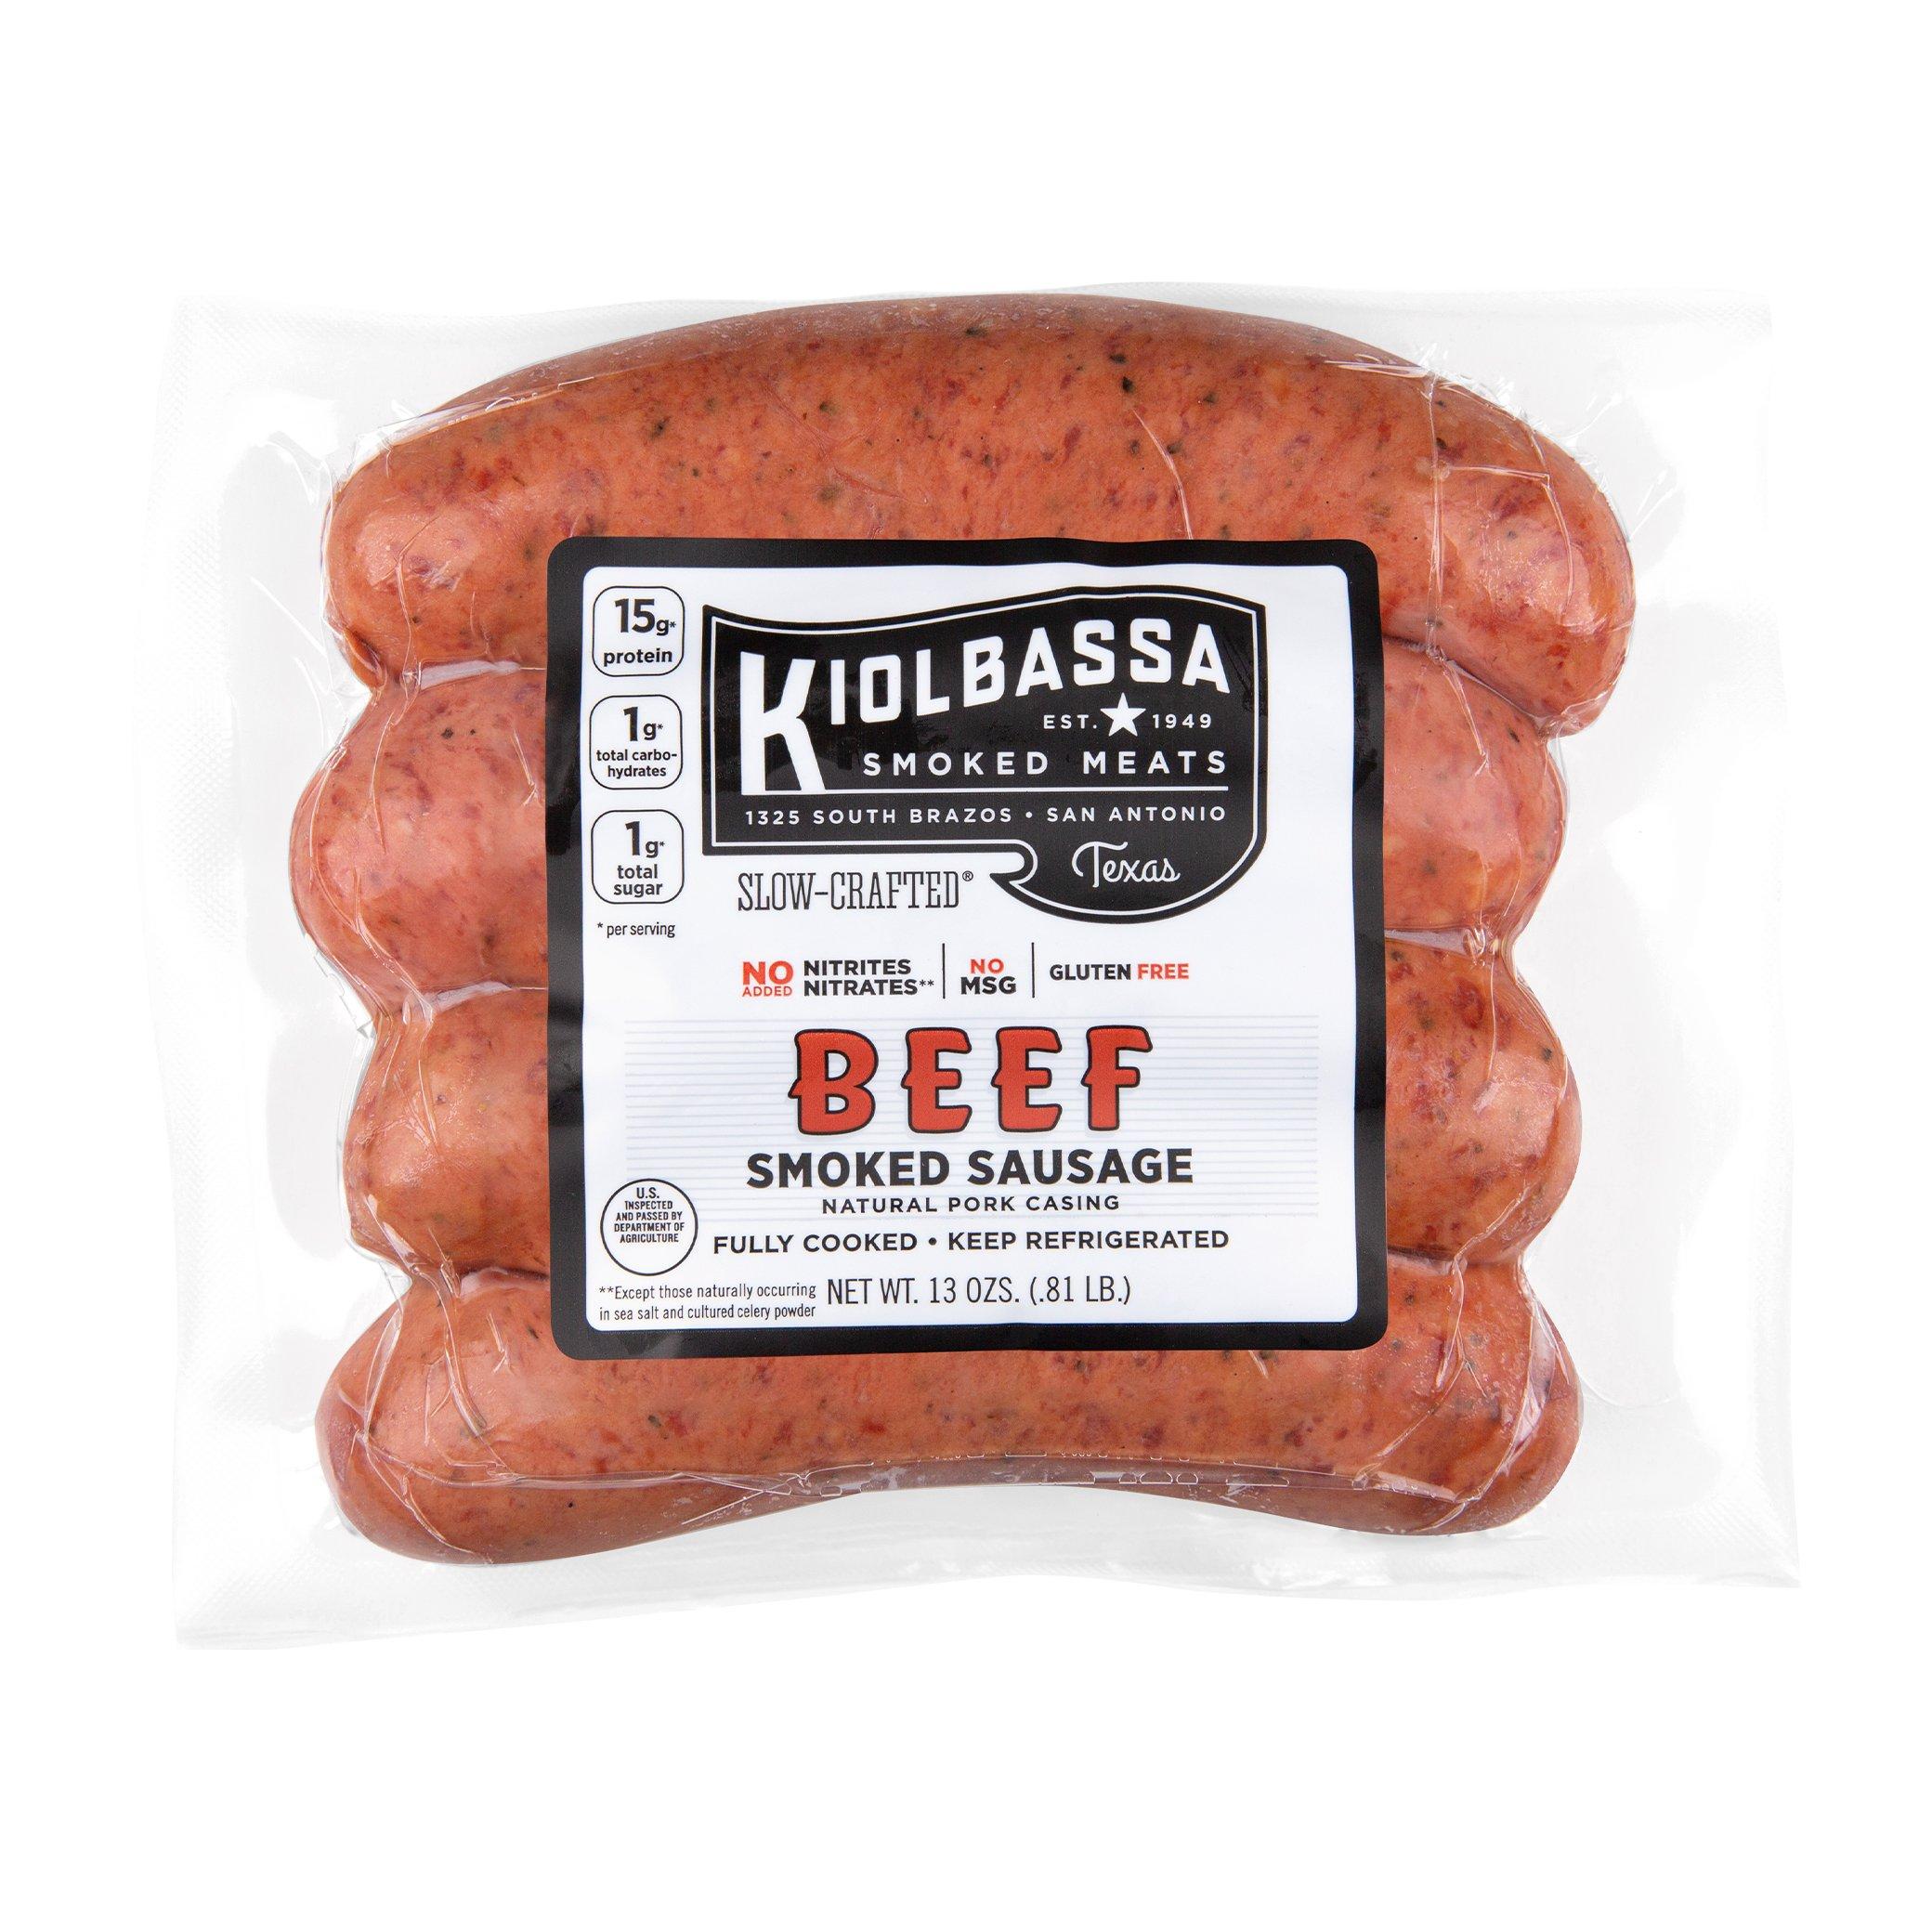 Kiolbassa All‑Natural Beef Smoked Sausage Links ‑ Shop Sausage at H‑E‑B